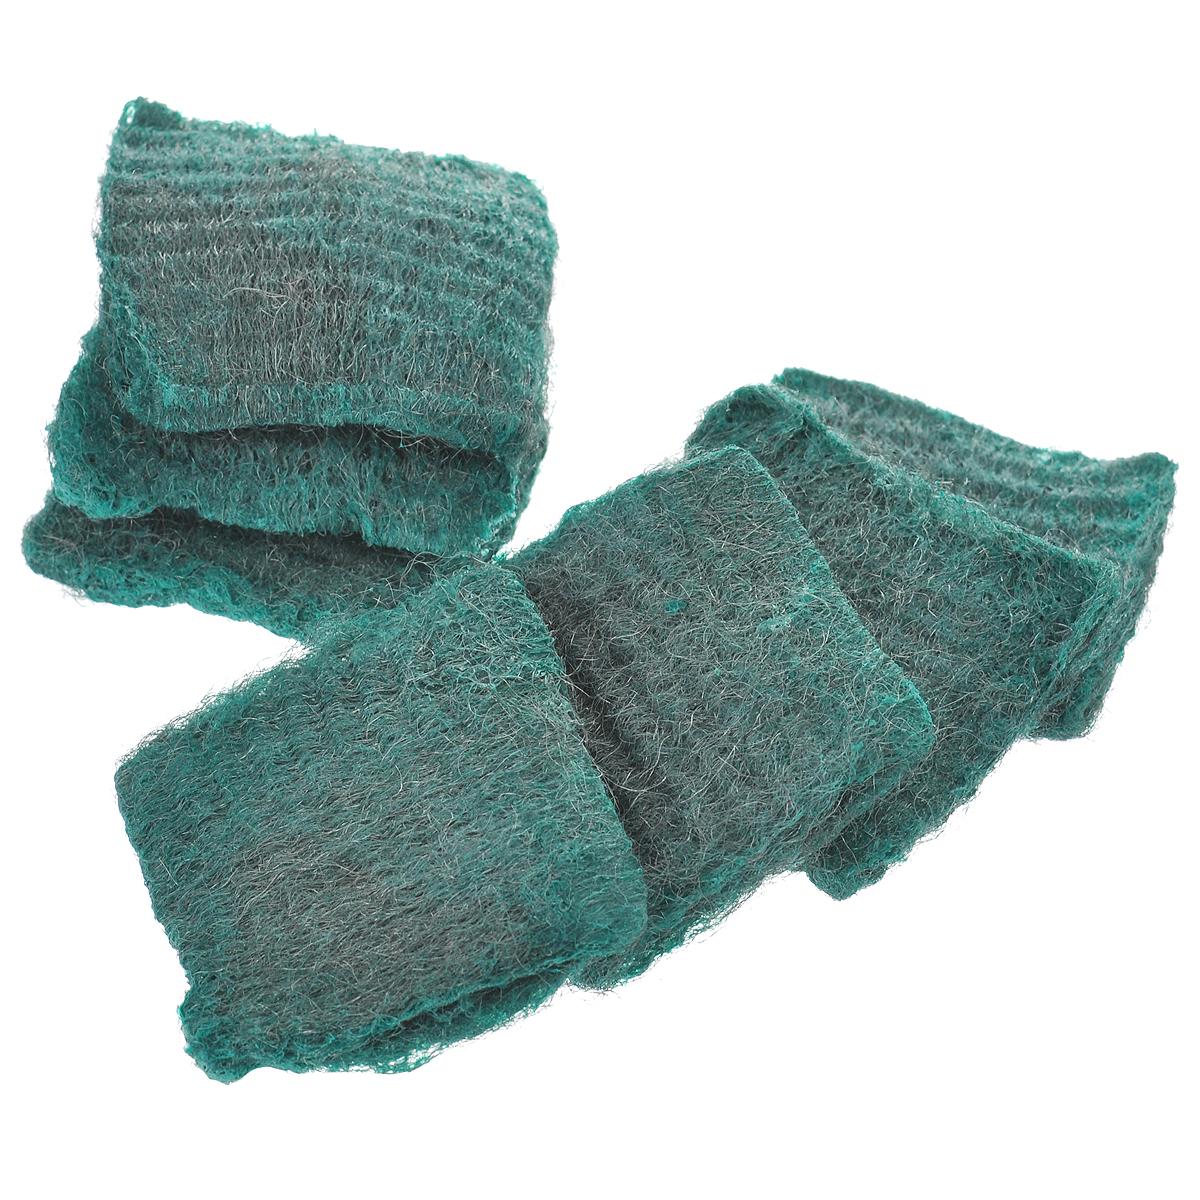 Губки с мылом Home Queen, цвет: зеленый, 7 шт42Губки с мылом Home Queen идеально очищают сложные загрязнения, такие как: ржавчина, известковый налет, пригоревший жир, накипь. В наборе - 7 губок, изготовленных изтончайшего стального волокна. Мыло содержит тензиды, растворяющие жир, и пальмовое масло, которое заботиться о ваших руках. Губки Home Queen - экологически чистый продукт. Его чистящие и моющие компоненты разлагаются биологическим путем.Размер губки: 6 см х 6 см х 1,5 см. Количество губок: 7 шт.